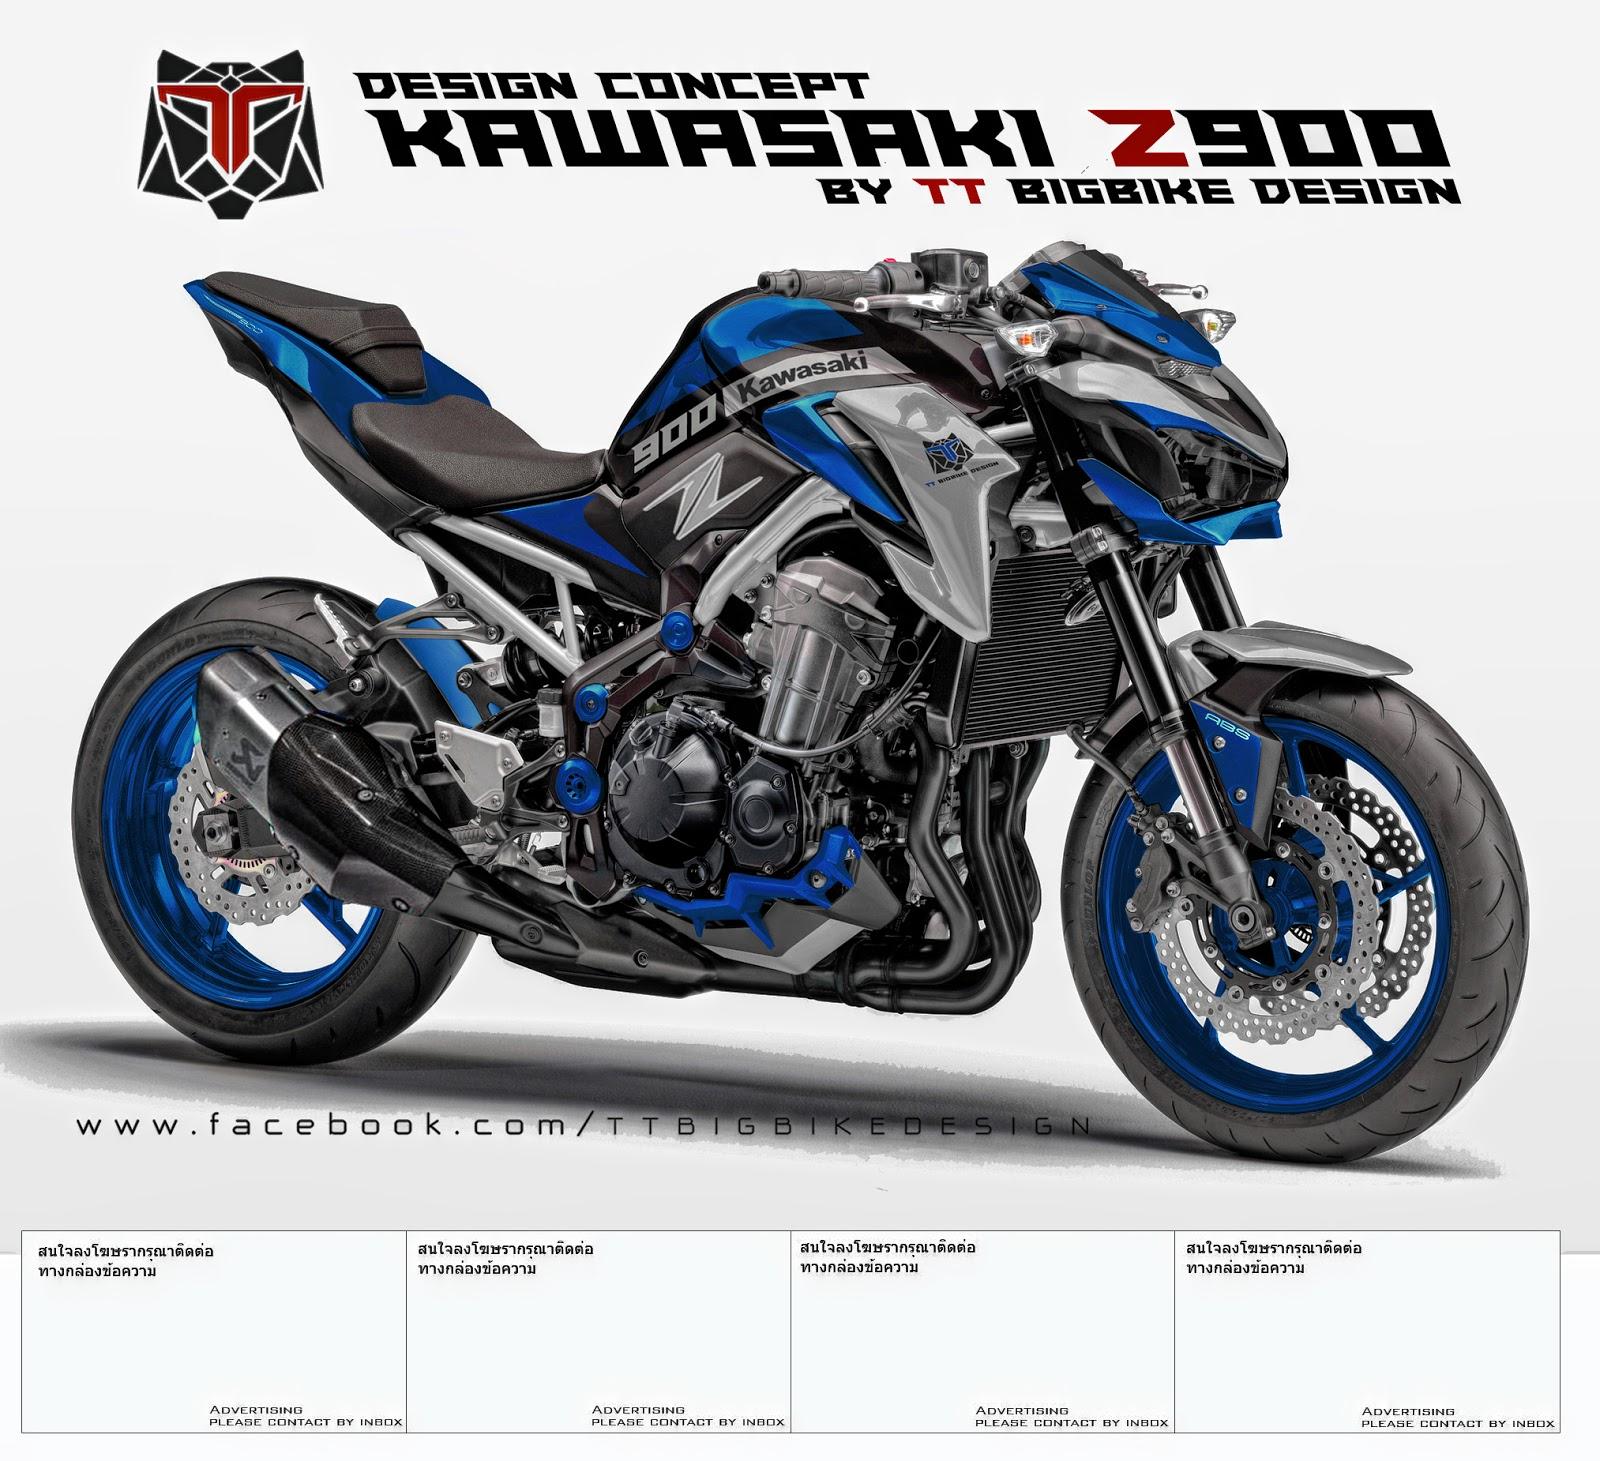 KAWASAKI Z900 DESIGN CONCEPT 1